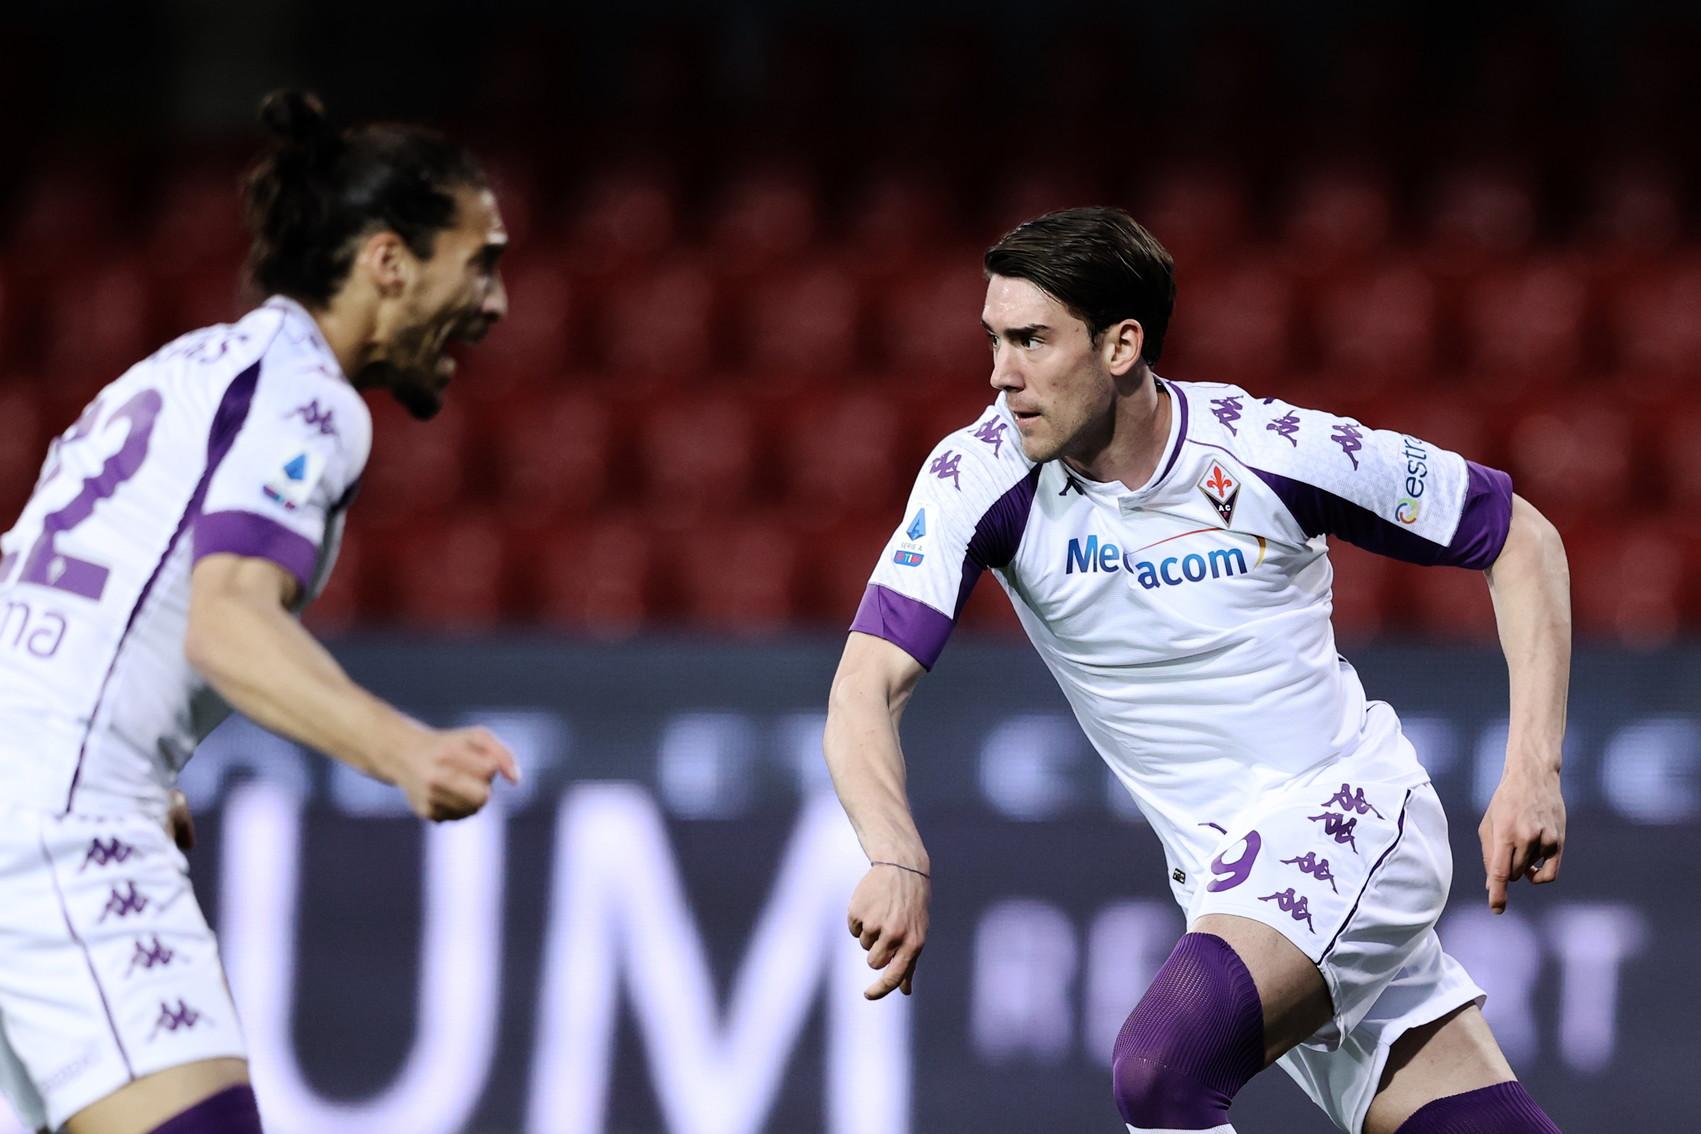 Le migliori foto di Benevento-Fiorentina 1-4.<br /><br />